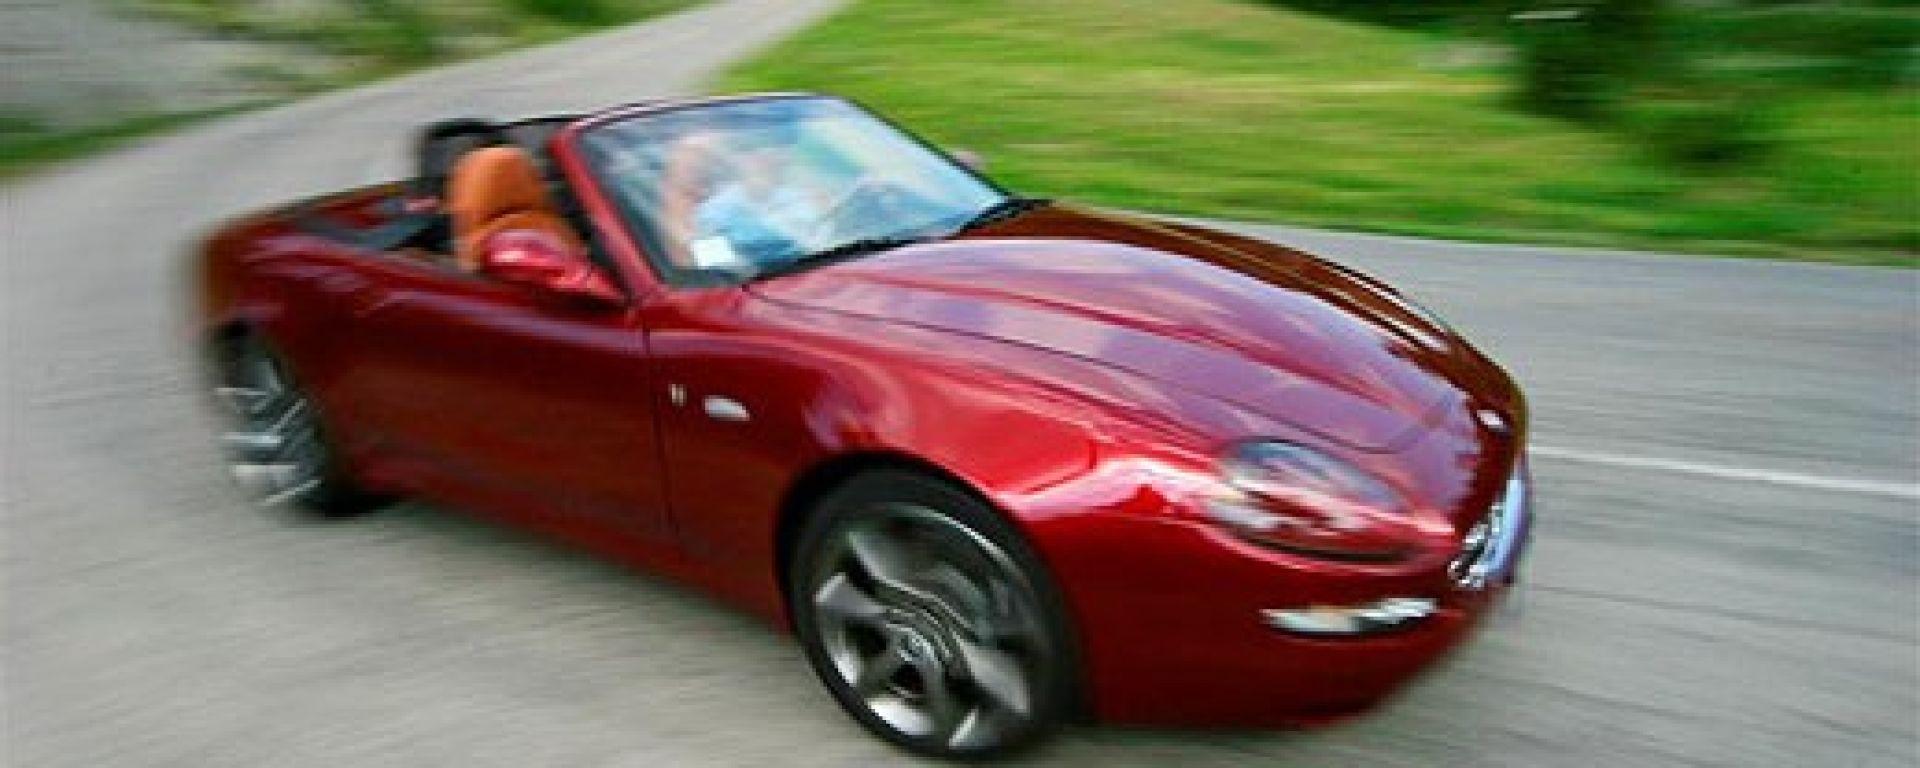 Maserati Spyder 2004